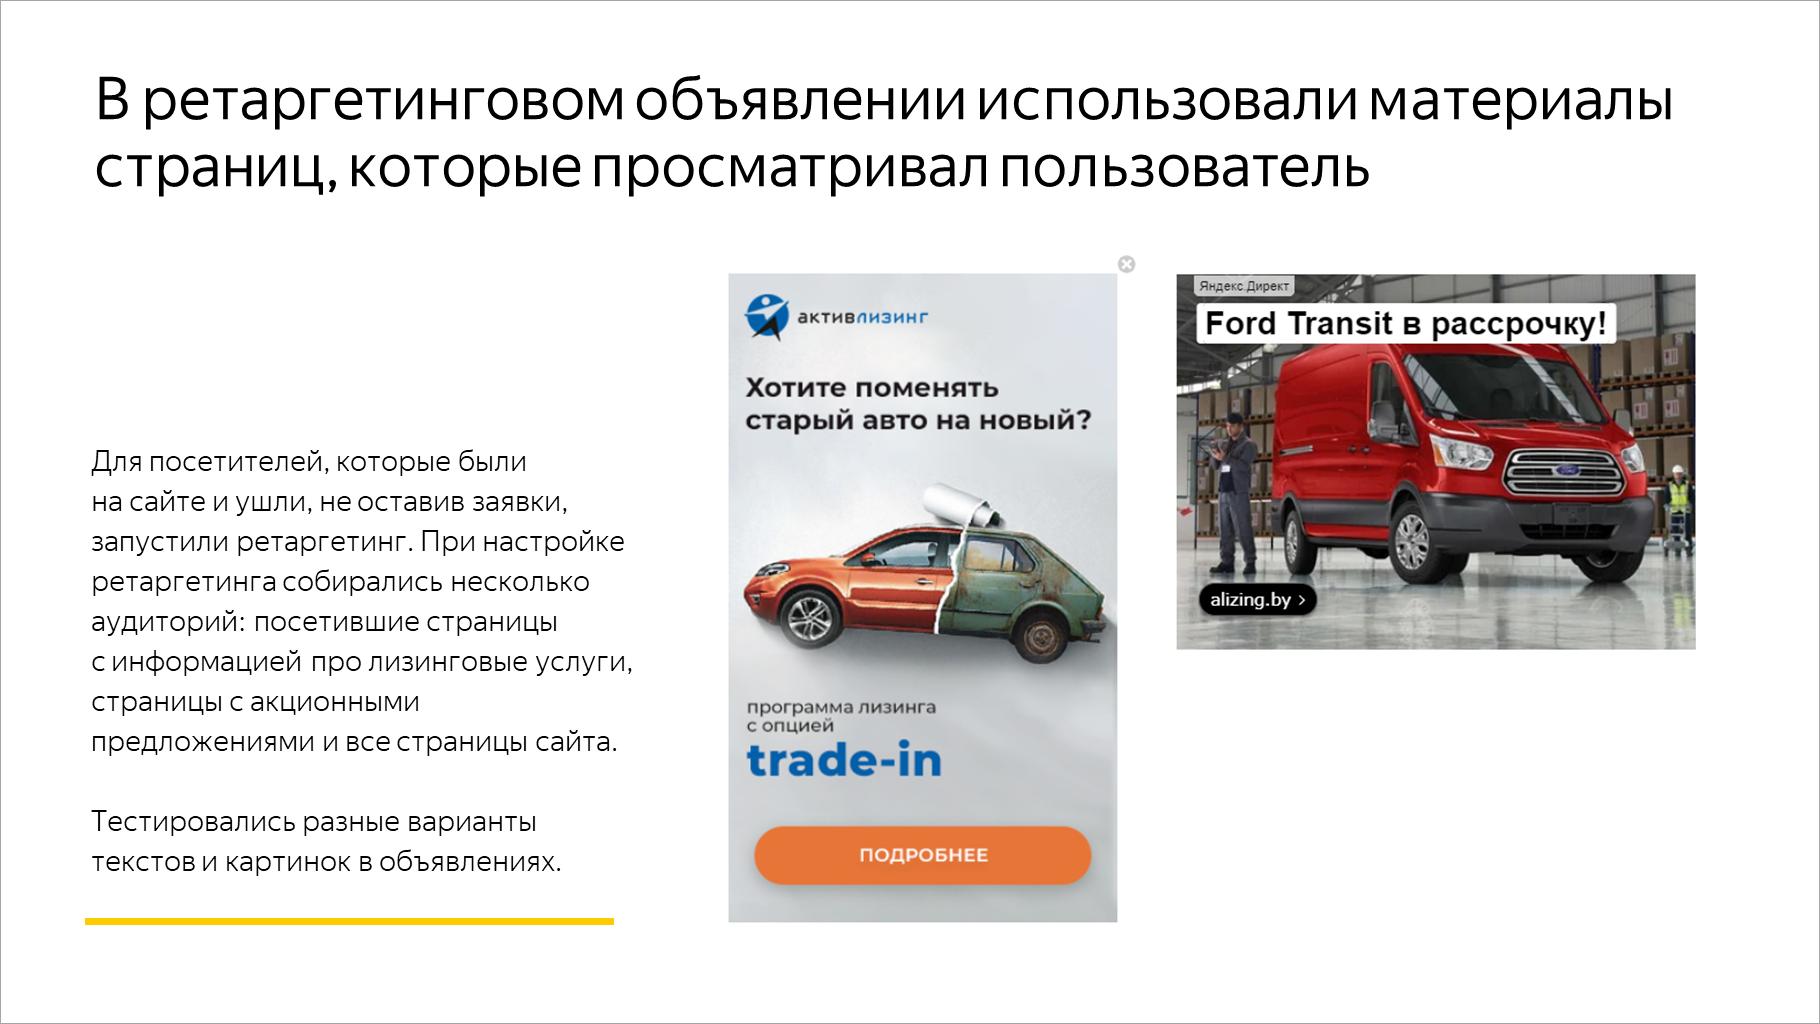 В ретаргетинговом объявлении использовали материалы страниц, которые просматривал пользователь